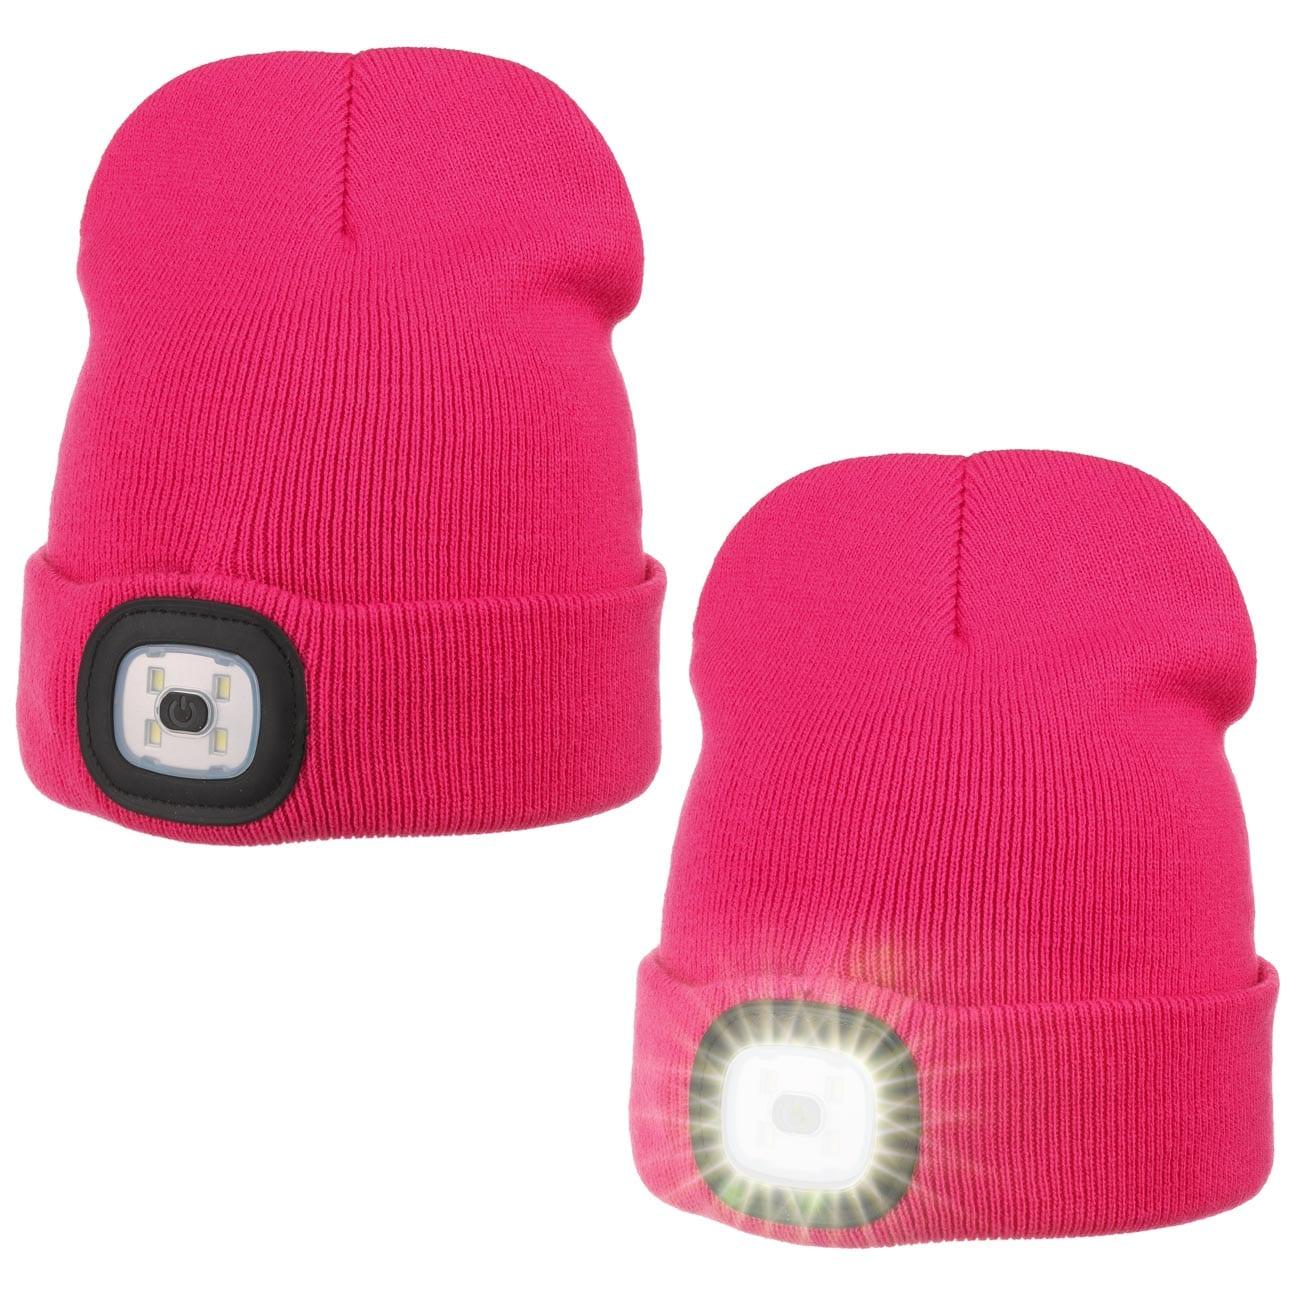 Bonnet pour Enfant avec Double DEL by Sterntaler  bonnet beanie